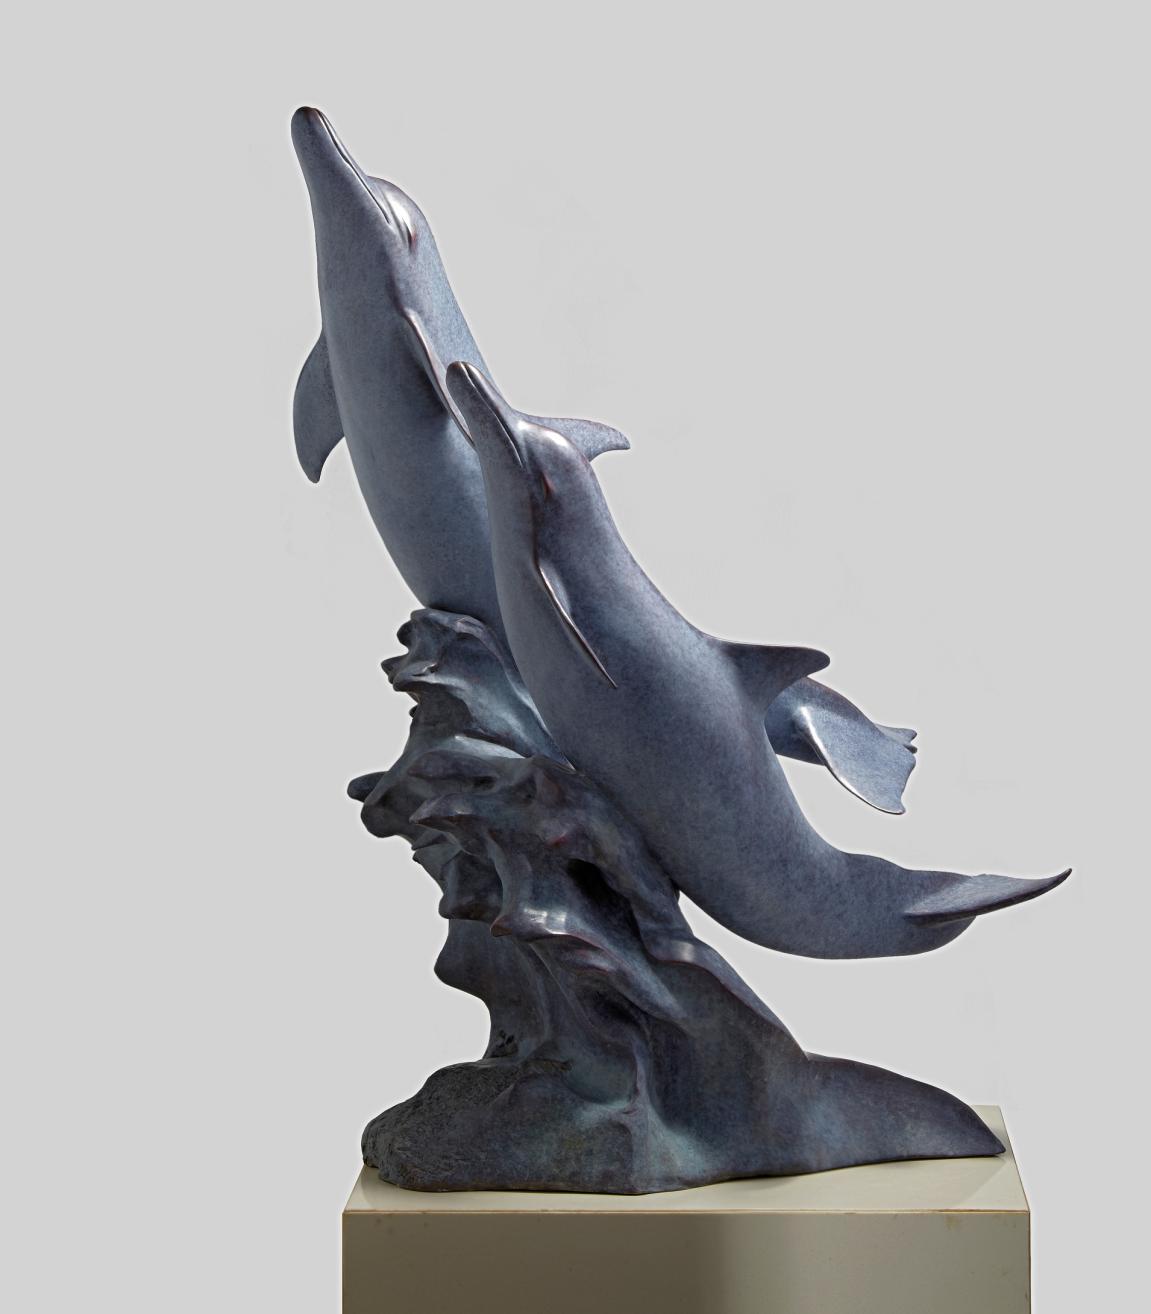 李蓝迪雕塑作品展